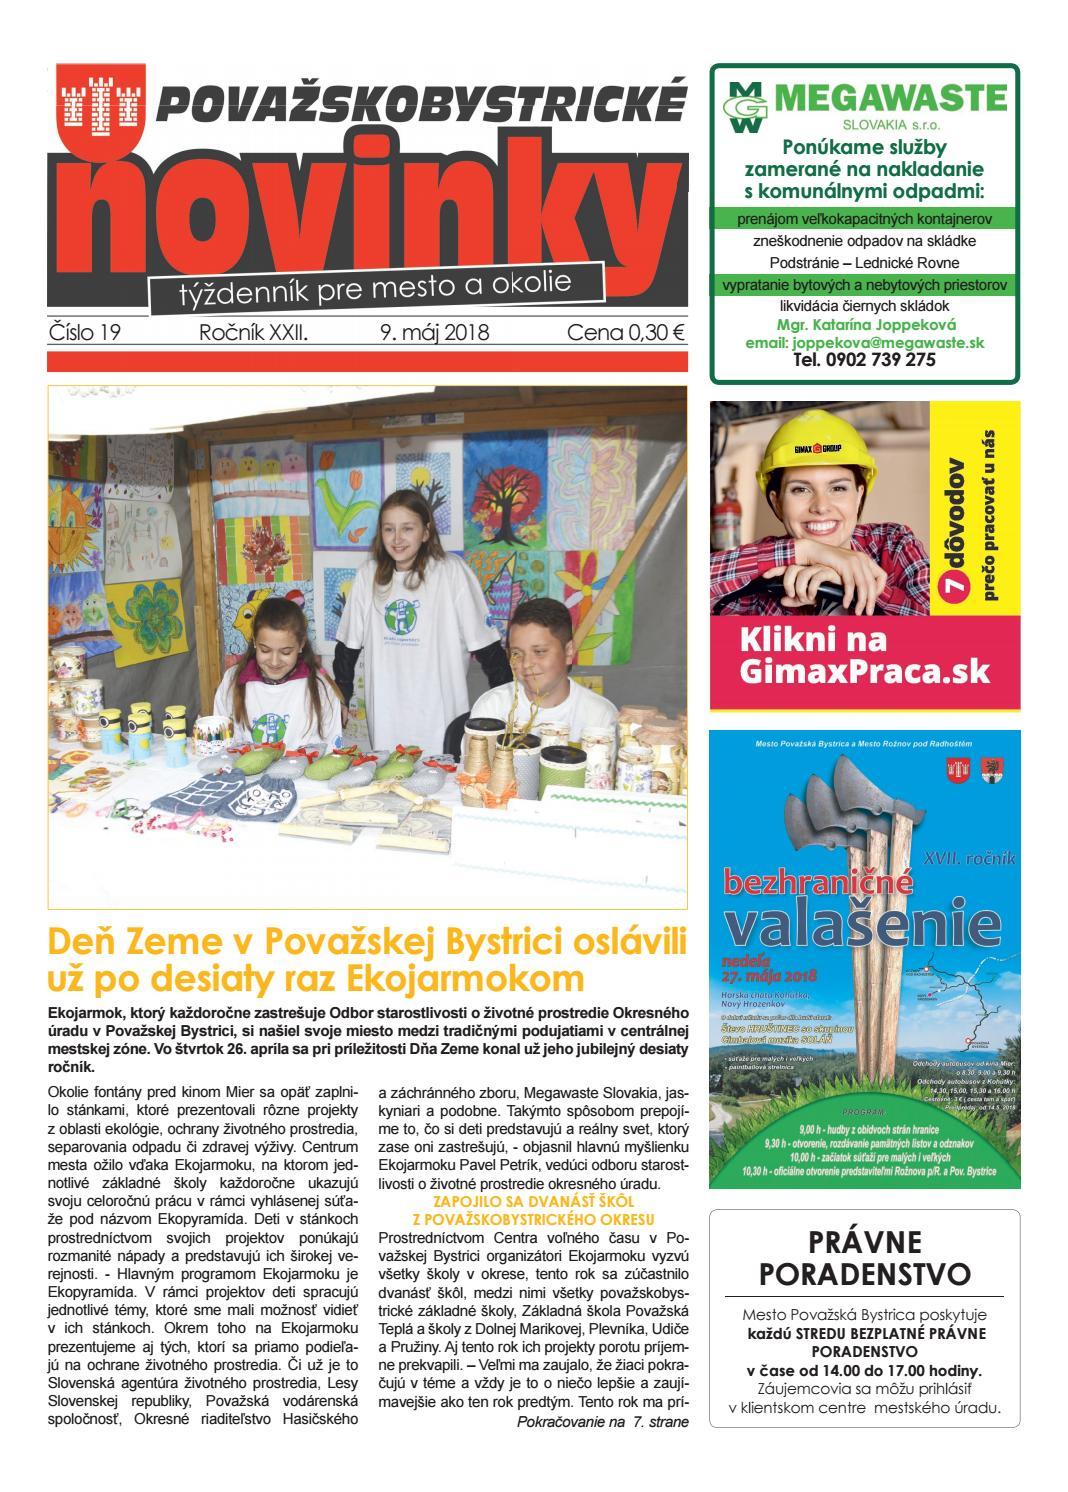 15b084ce3 Považskobystrické novinky č. 19/2018 by Považskobystrické novinky - issuu